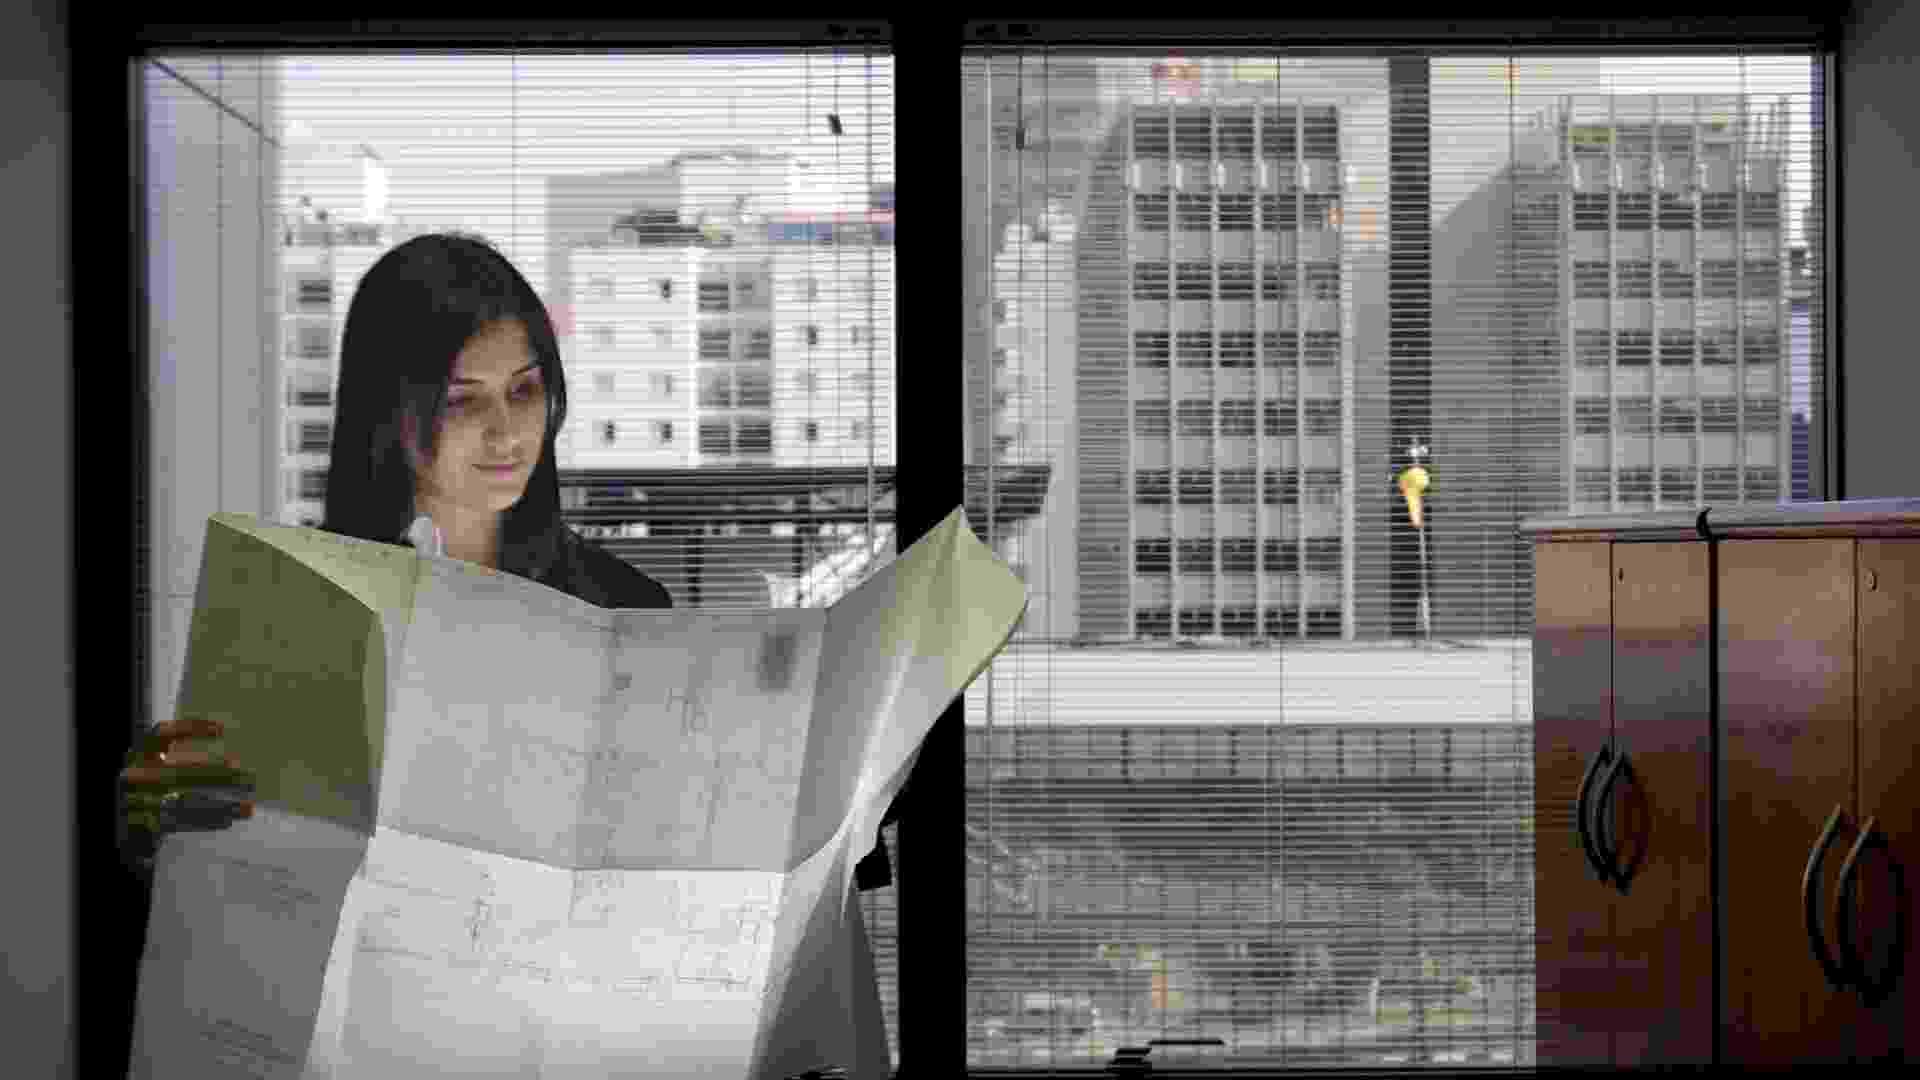 Arquiteta, profissão, emprego, mulher - Leonardo Wen/Folhapress